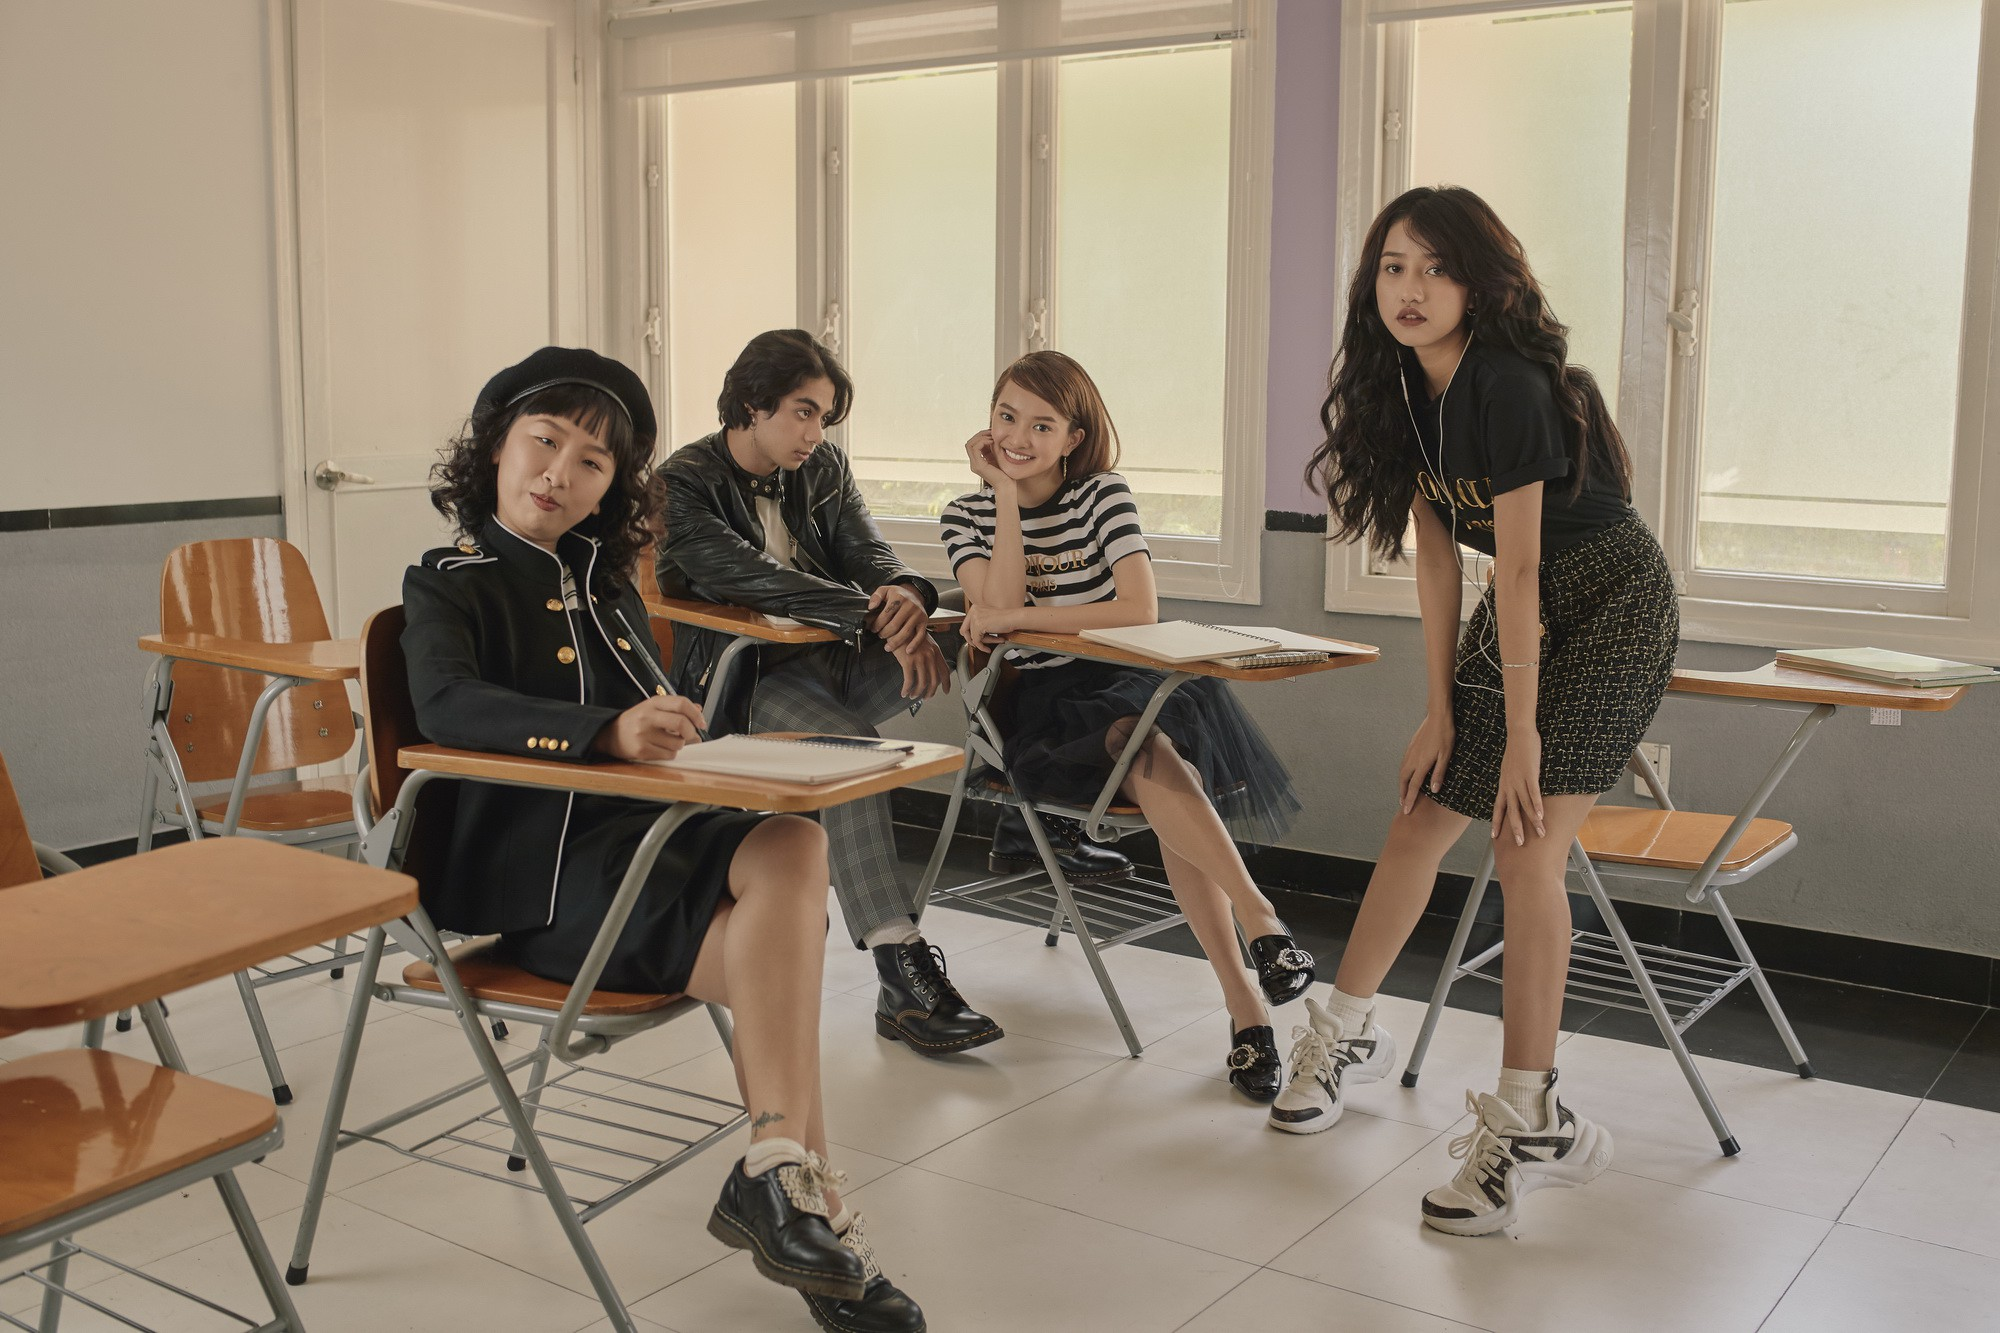 Hồn Papa, Da Con Gái còn chưa nguội, Kaity Nguyễn đã cùng nhóm bạn thân nổi loạn với web drama mới - Ảnh 8.